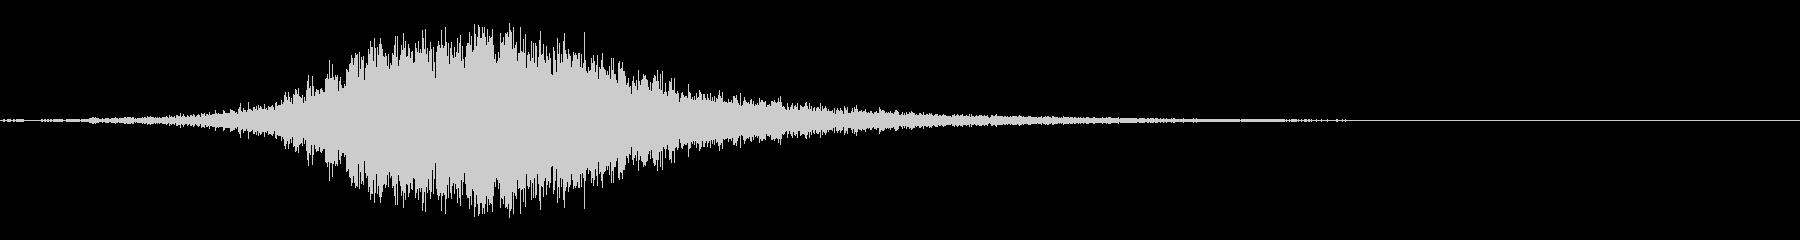 シンバル:ショートクレッシェンド、...の未再生の波形